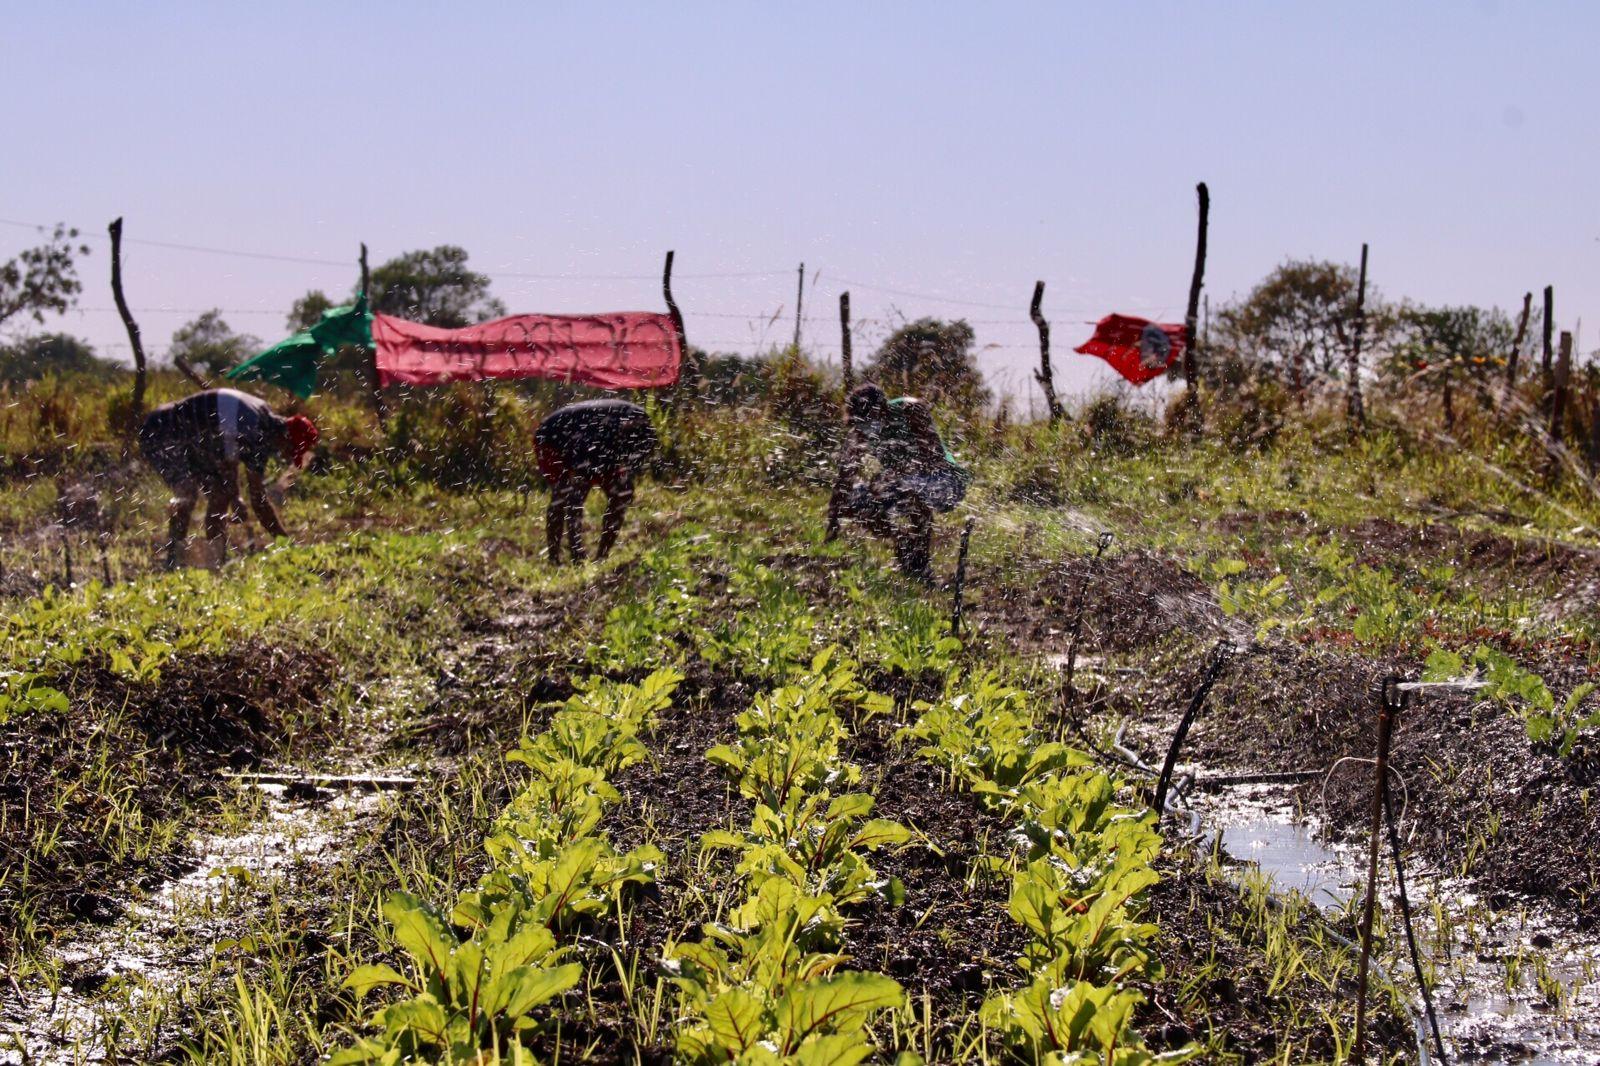 Horta comunitária no Acampamento Cícero Guedes: para professor da Uenf, iniciativa do MST no Rio pode ser exemplo para novo modelo de produção agroecológica (Foto: Vivi Fernandes de Lima)